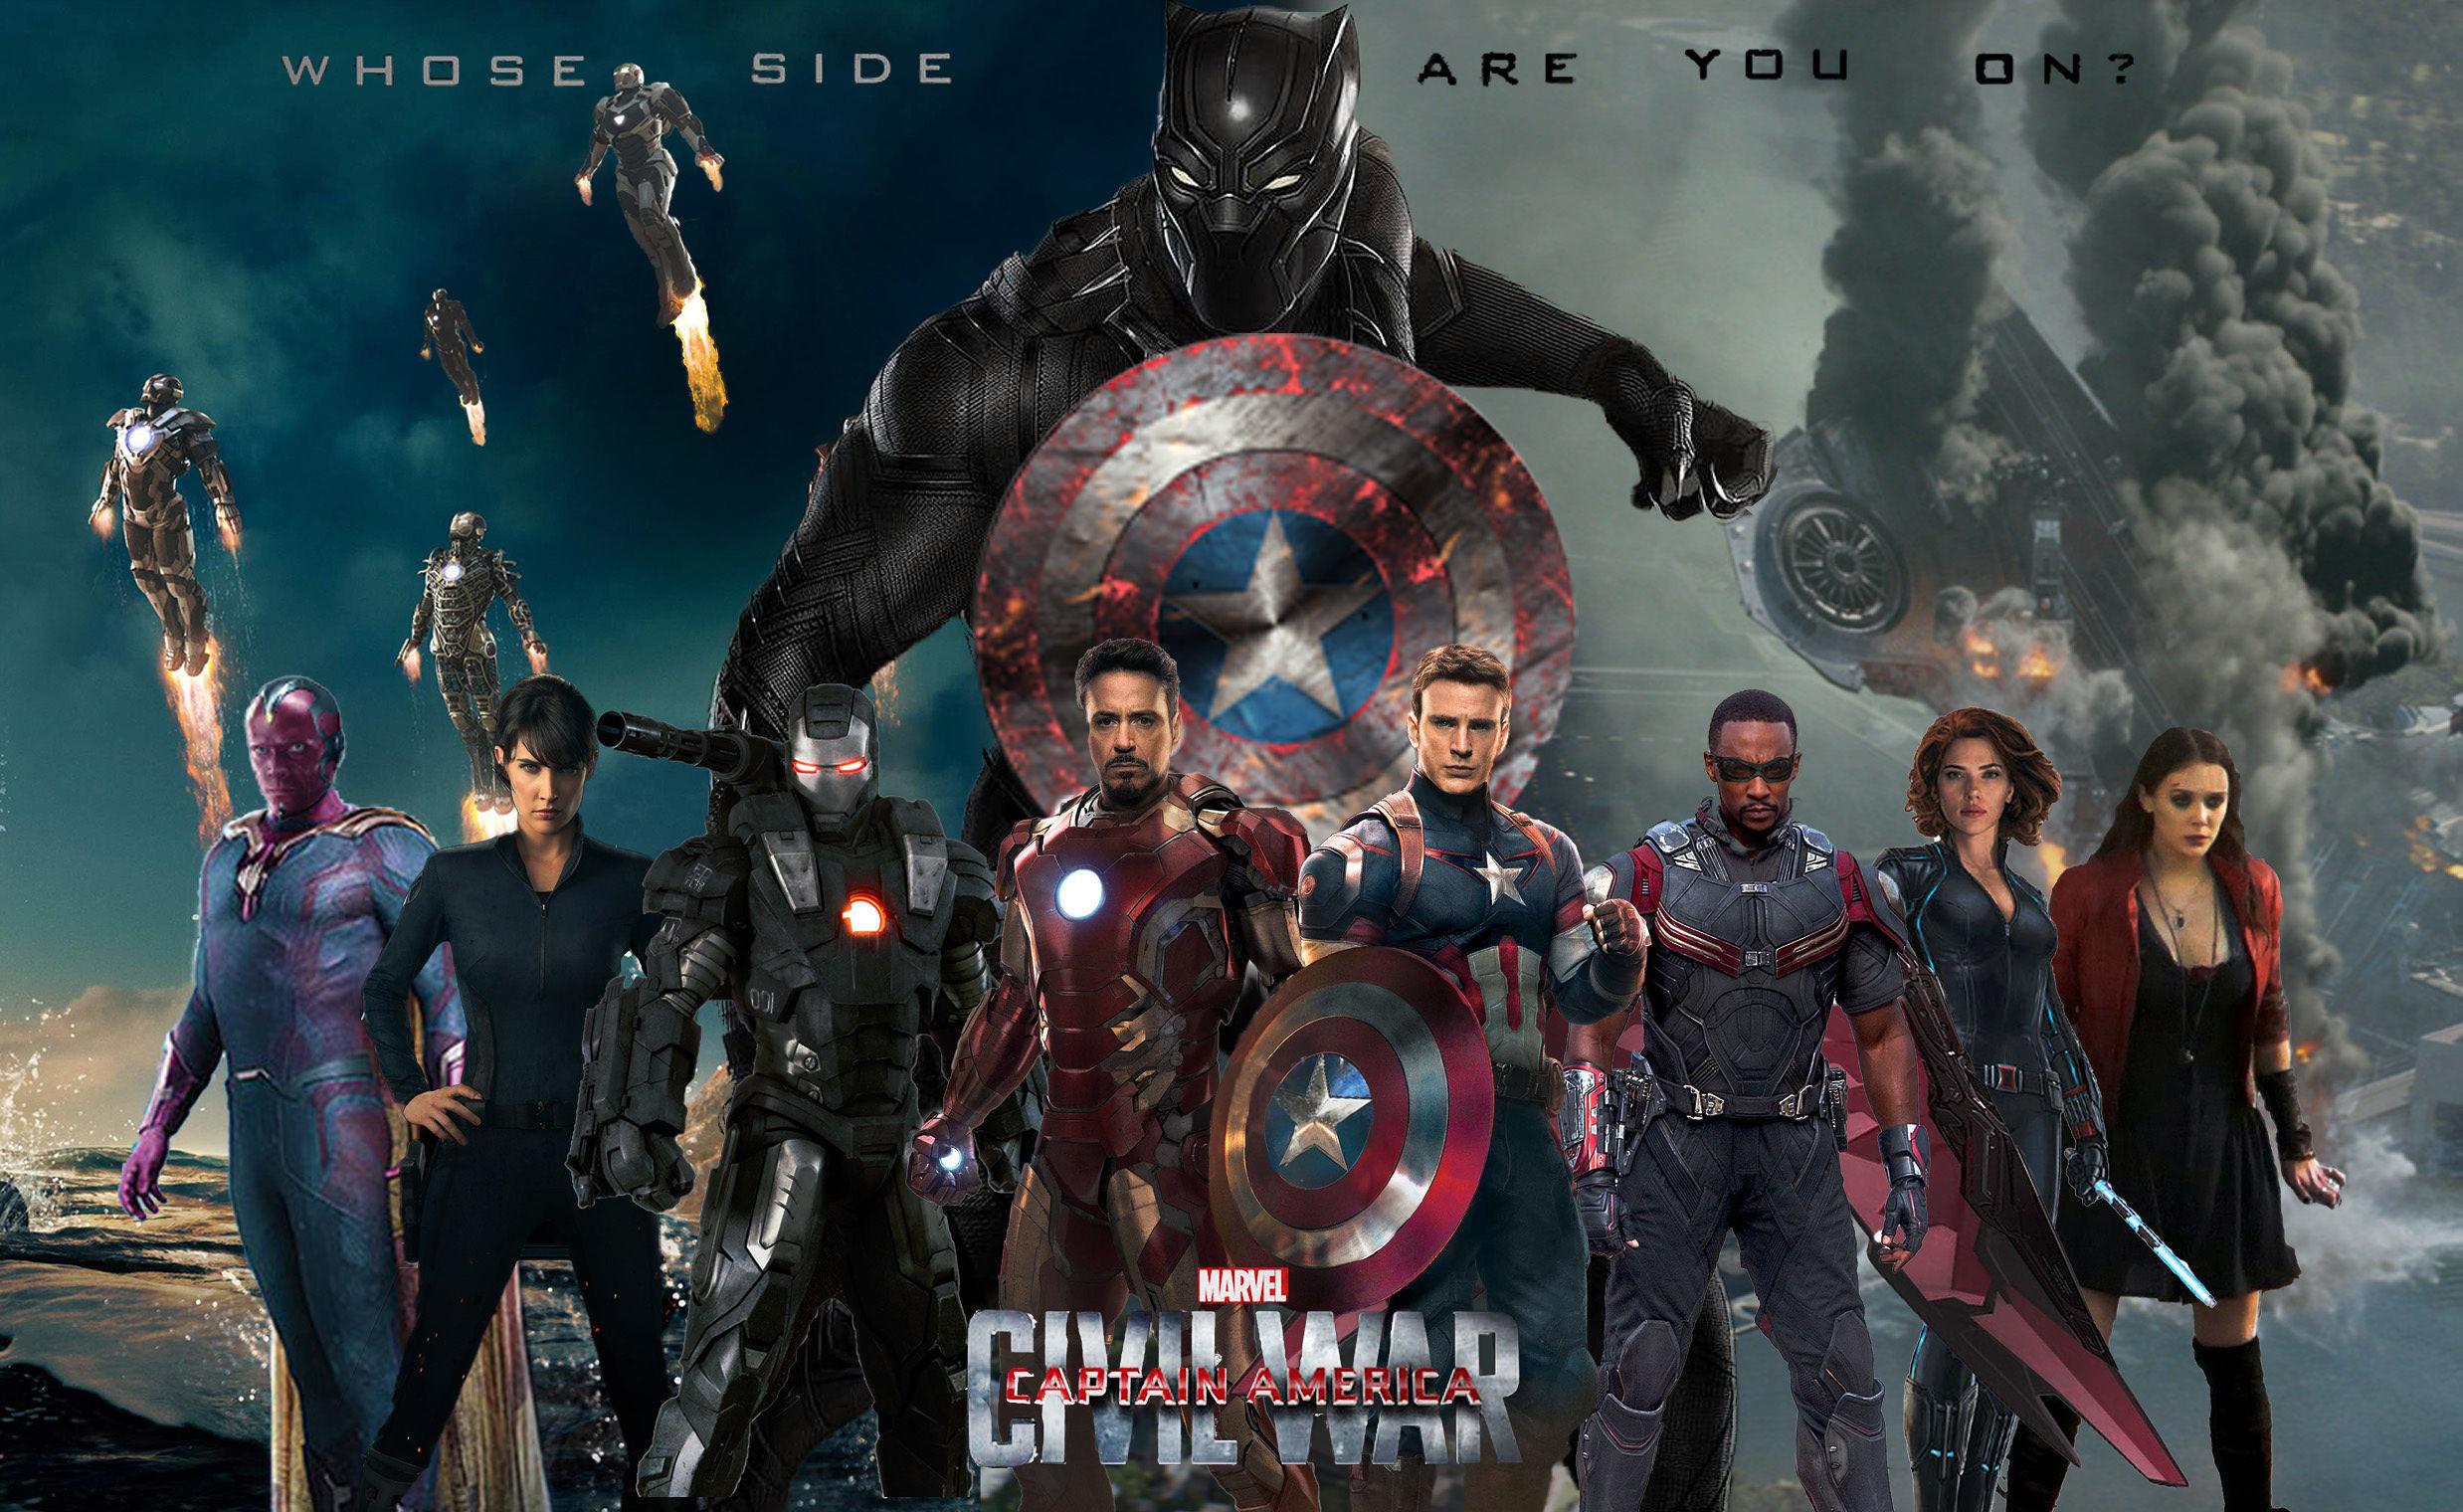 captain-america-civil-war-poster-wallpaper-captain-america-